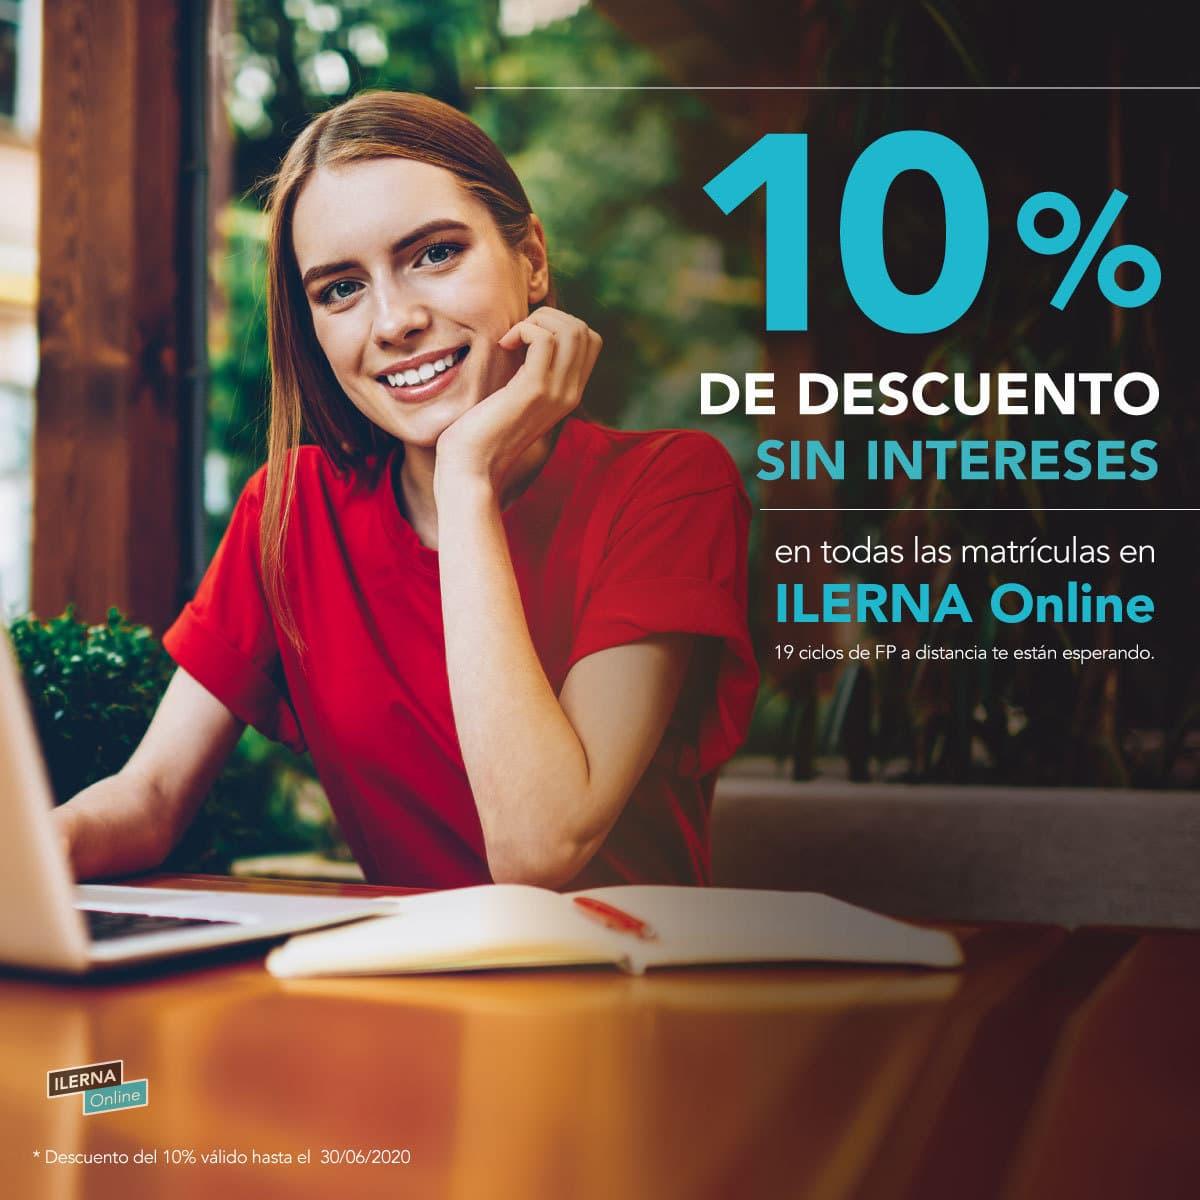 Matricúlate en ILERNA Online con descuento y financia tu matrícula sin intereses